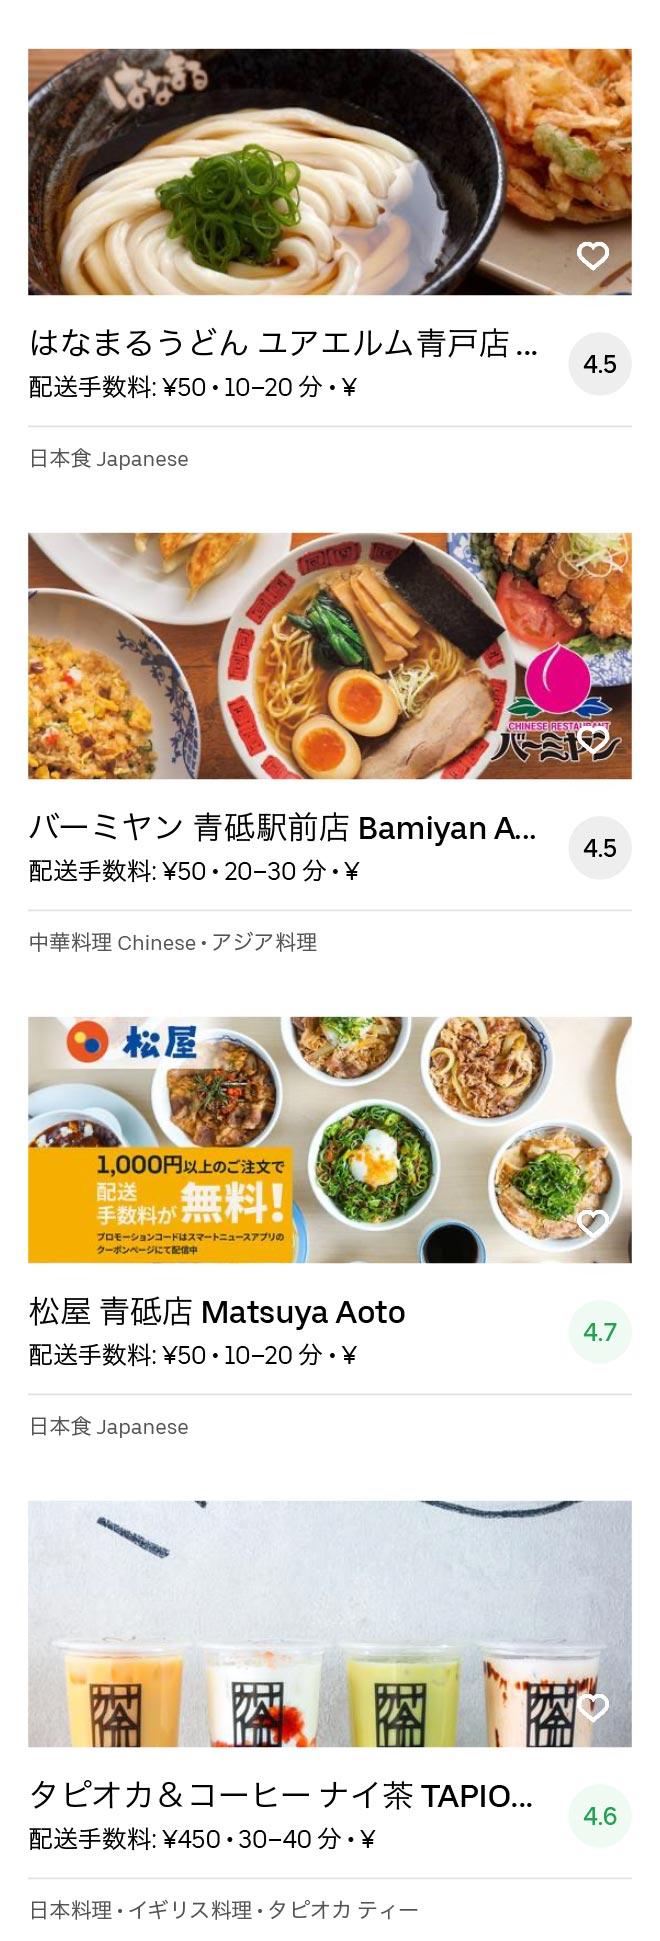 Tokyo aoto menu 2005 03